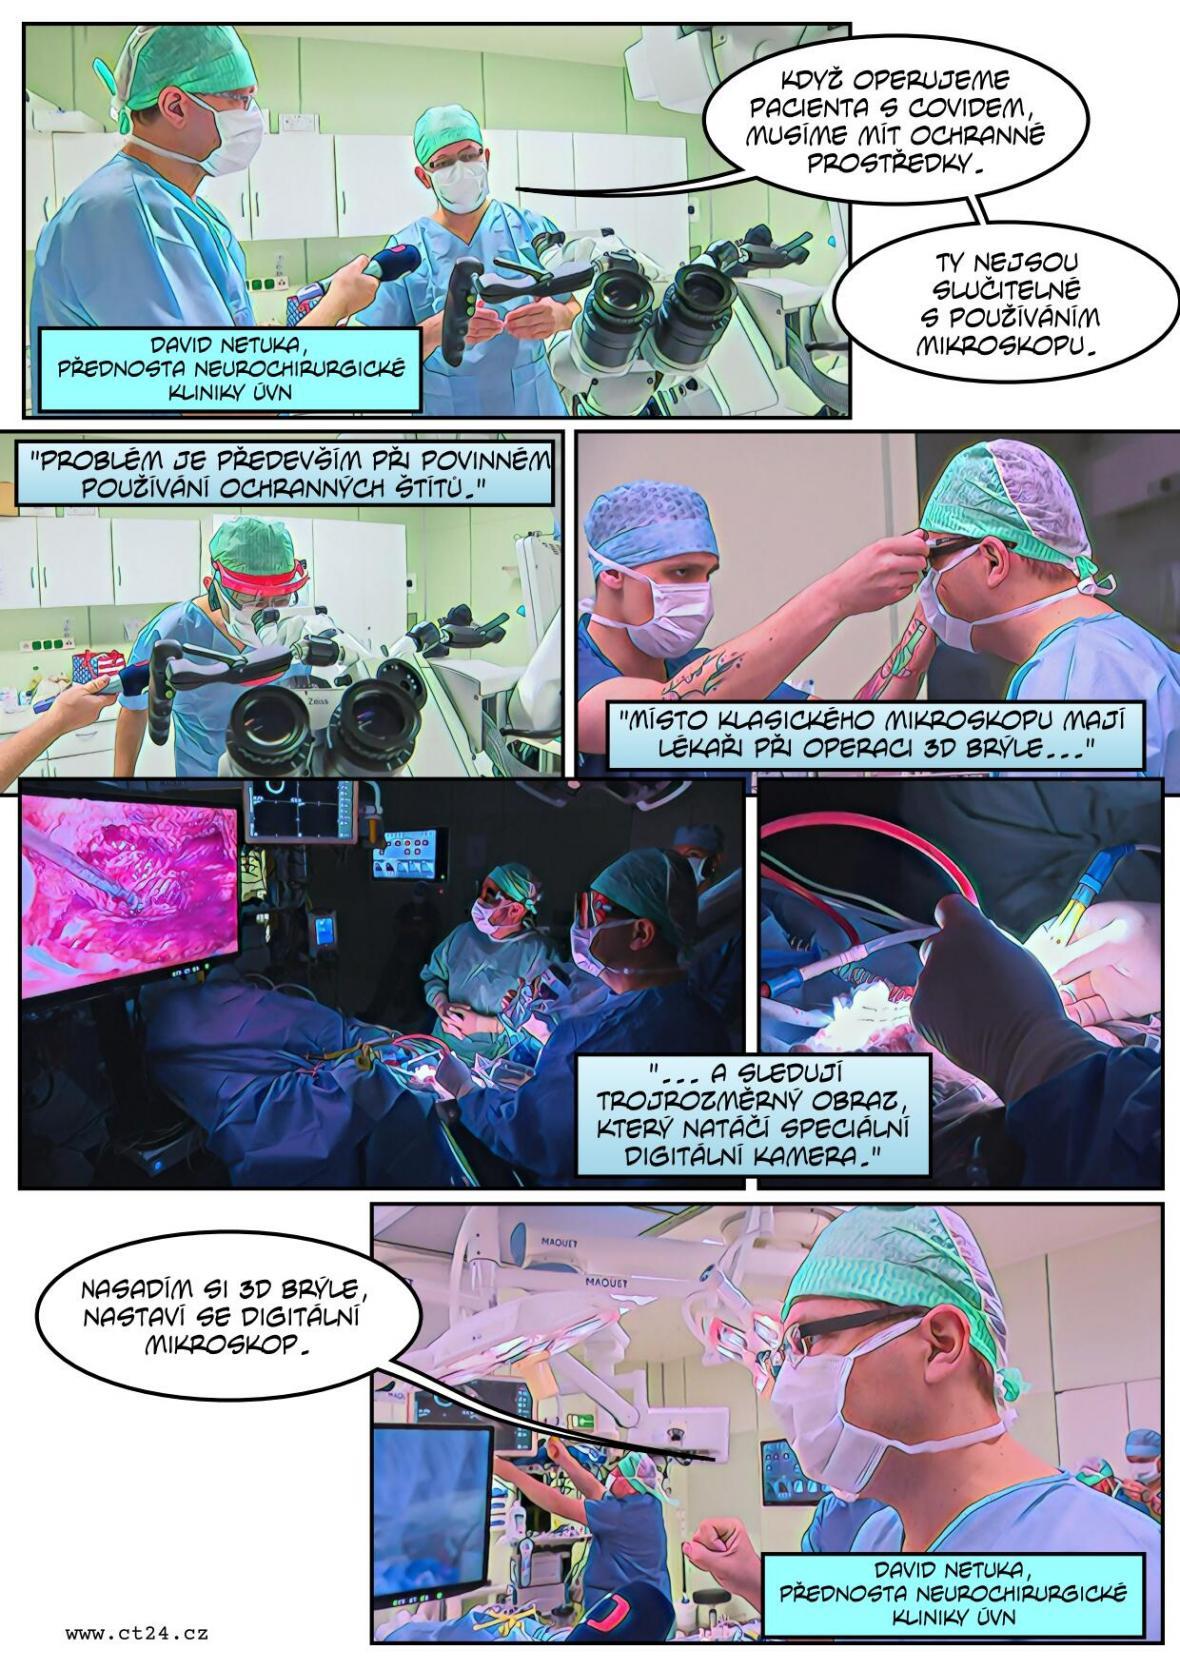 Místo mikroskopu 3D obraz z kamery. Chirurgové ve Střešovicích pracují s digitálním exoskopem